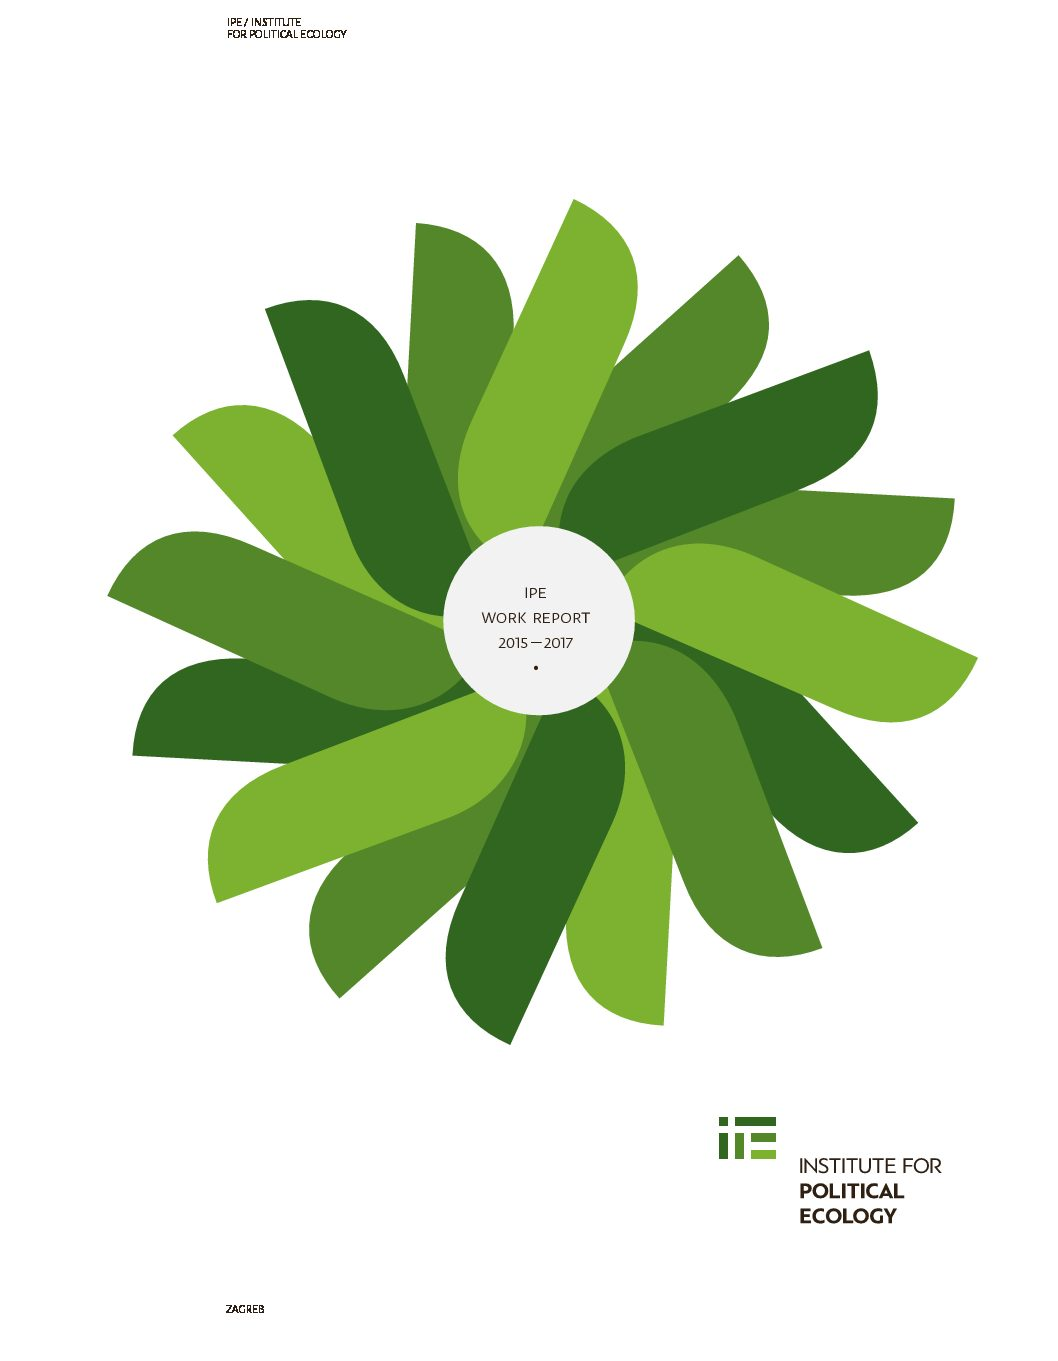 IPE Work Report 2015-2017